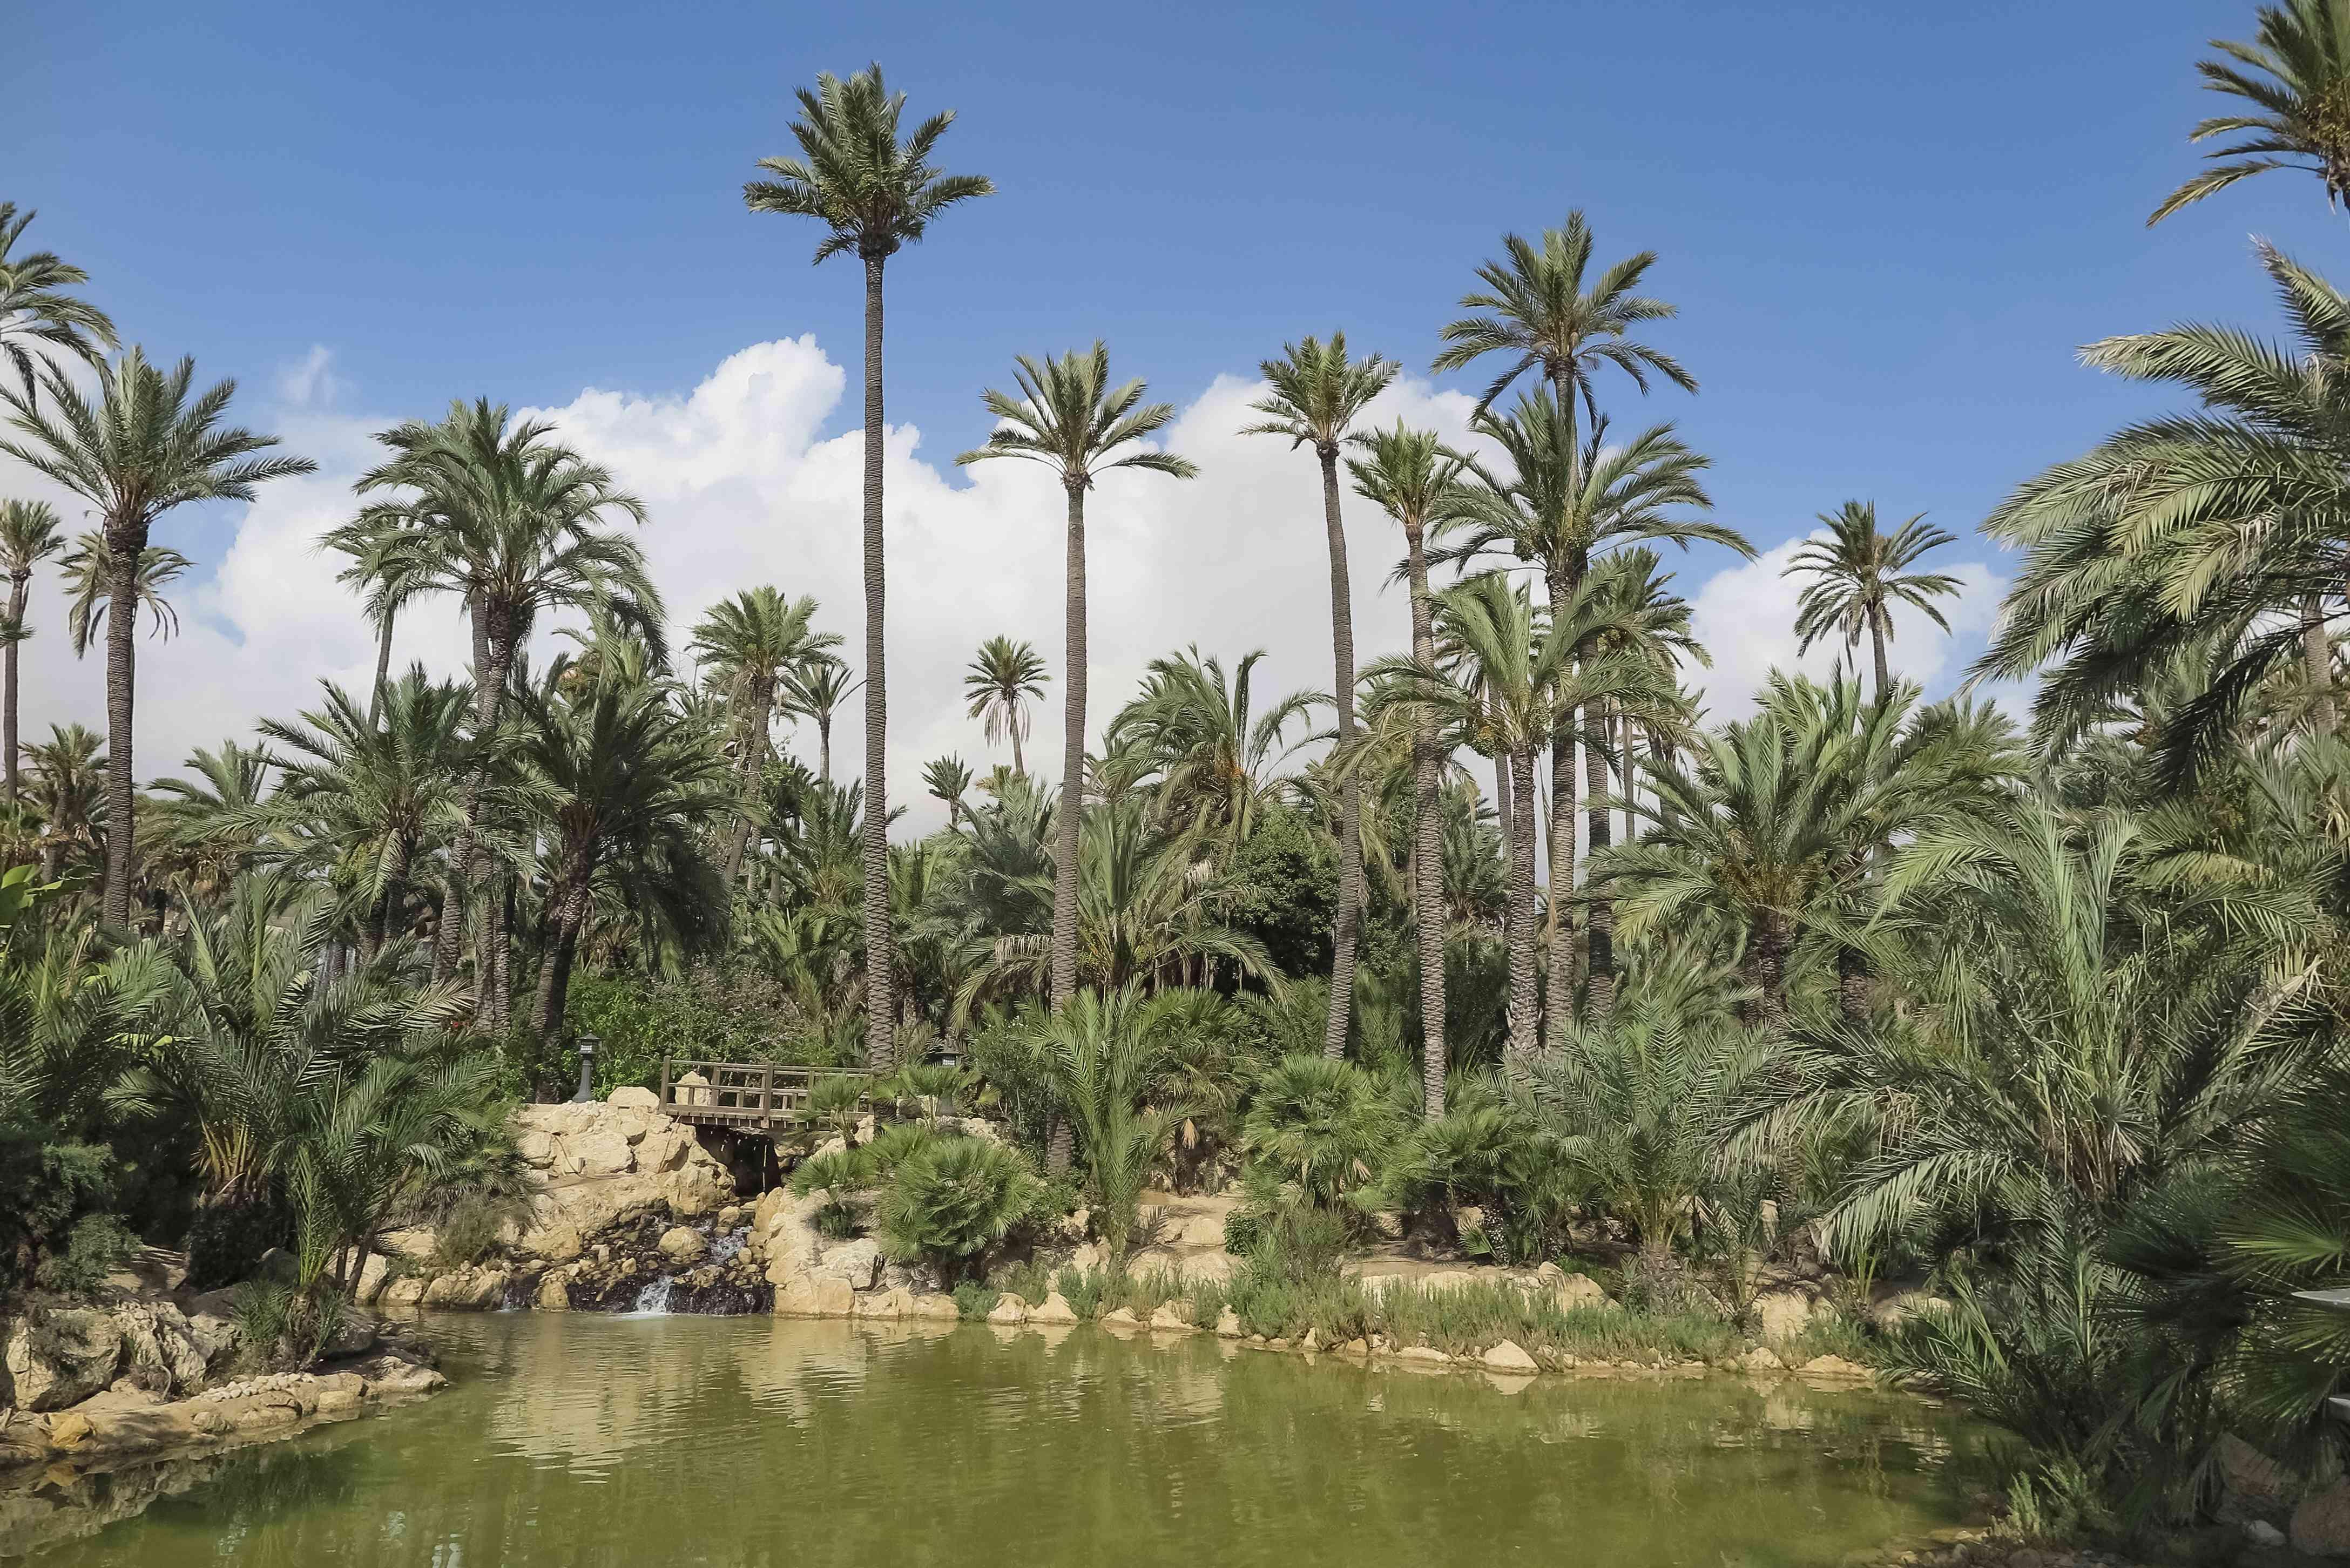 landscape inside El palmeral park